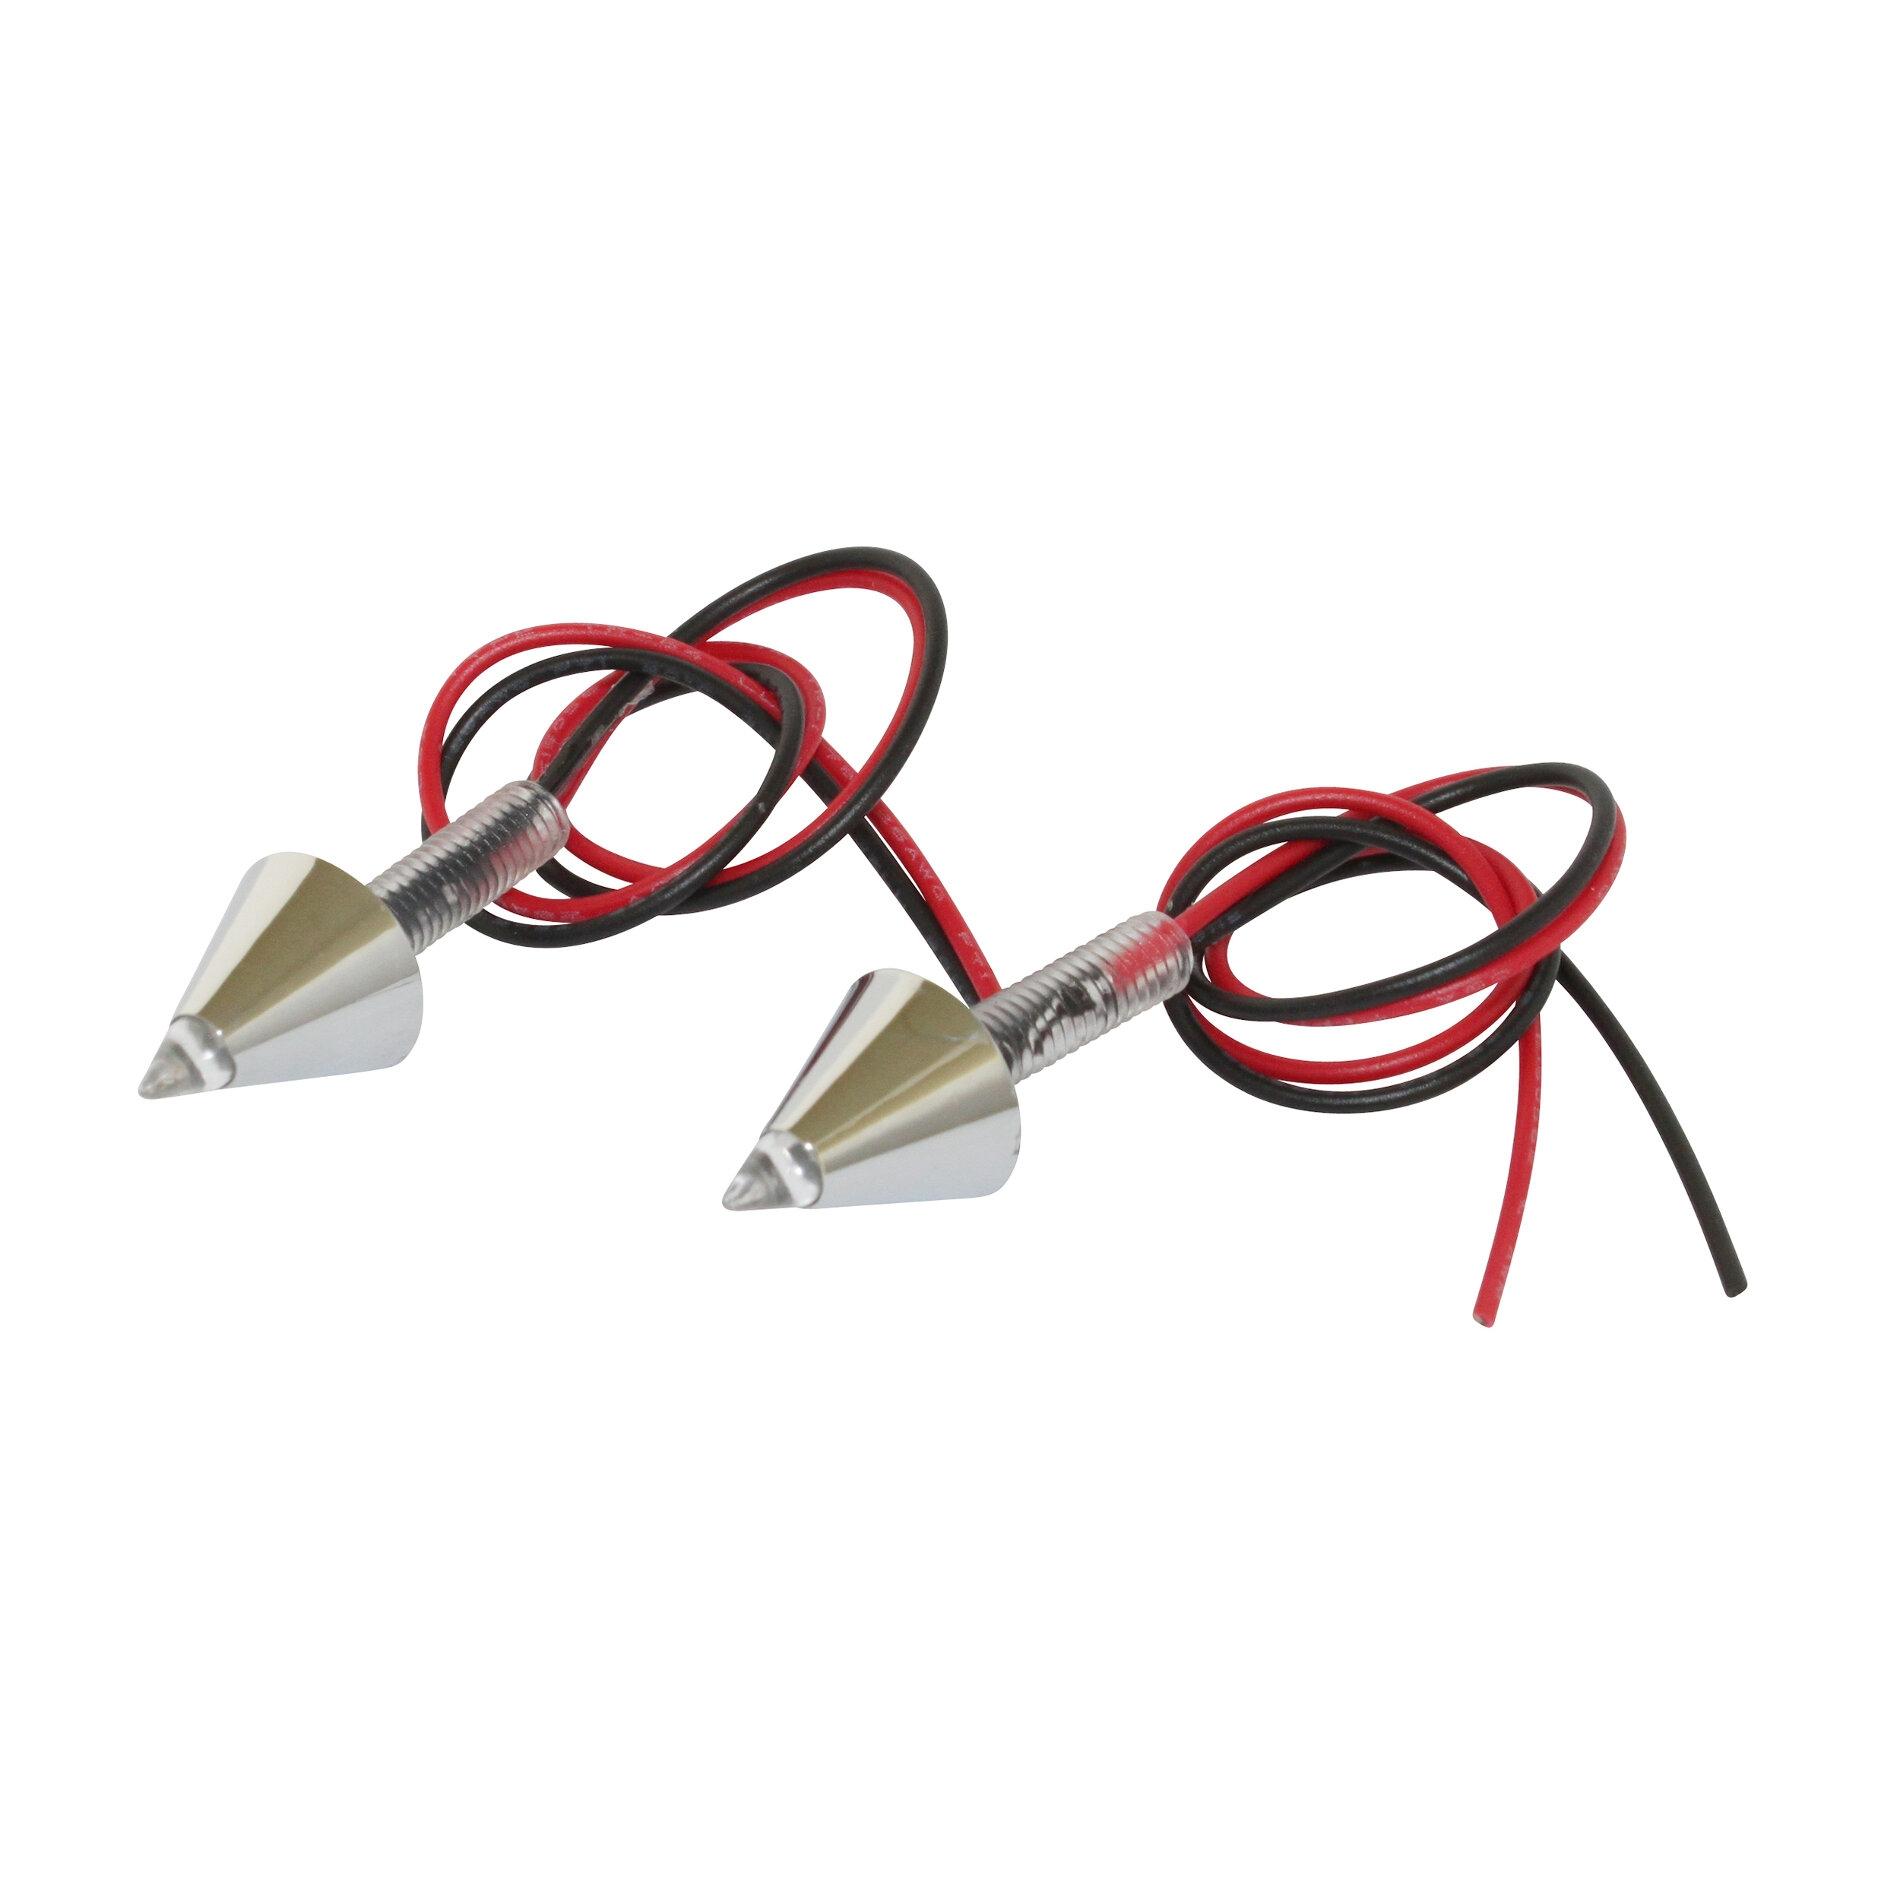 Feu arrière universel Replay pour plaque conique chrome avec led rouge